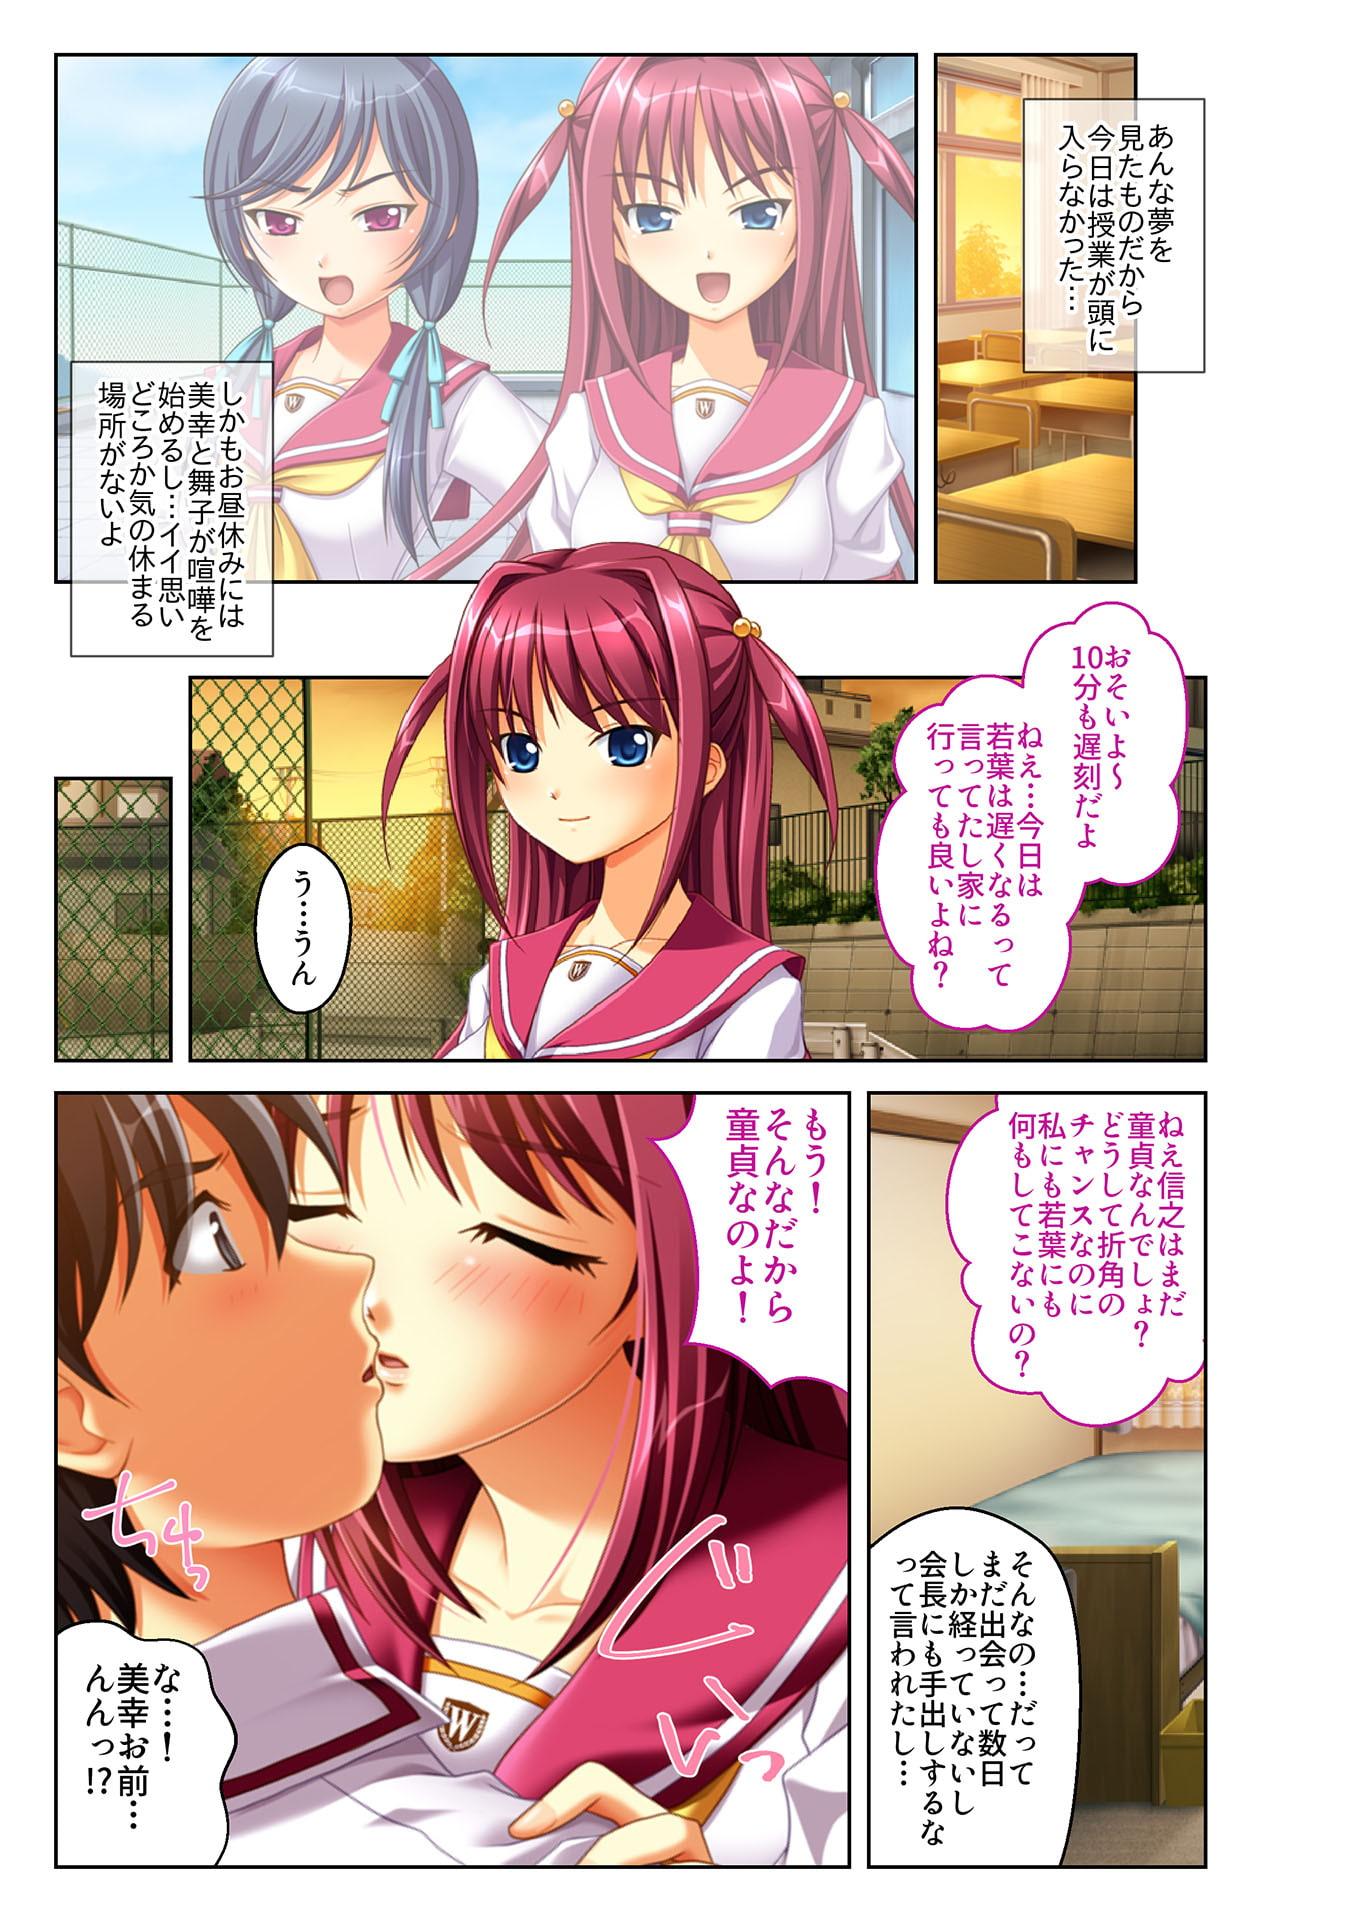 景品は3姉妹!? 小悪魔JKとハーレム生えっち(1) フルカラーコミック版